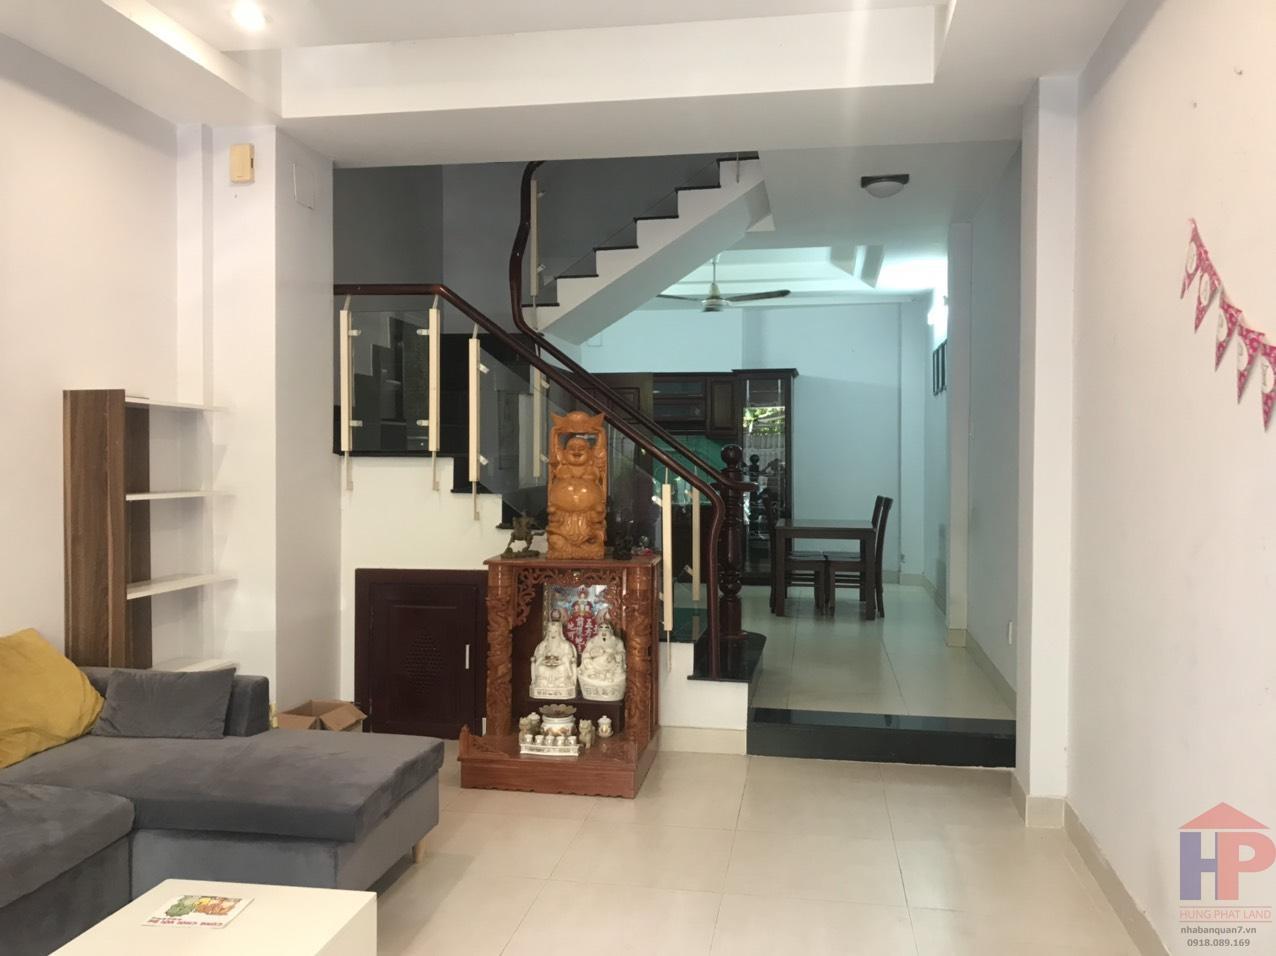 Cho thuê nhà phố khu dân cư Biệt thự Kiều Đàm, Phường Tân Hưng, Quận 7 DT: 4x16,5m Giá: 25tr/th thương lượng LH 0909477288